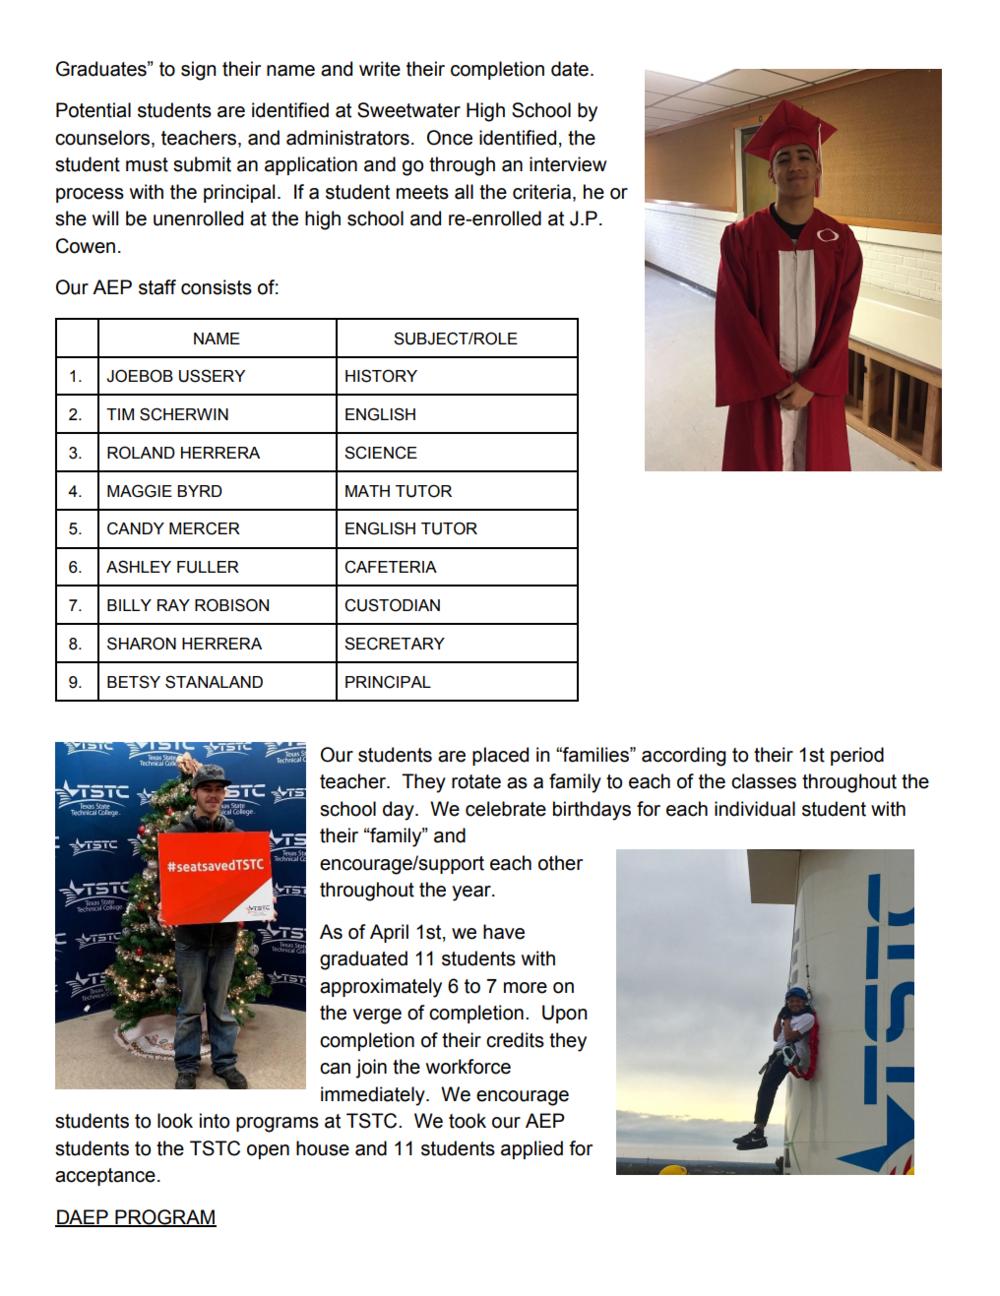 SISD_Newsletter_04-16-2019_P2.png